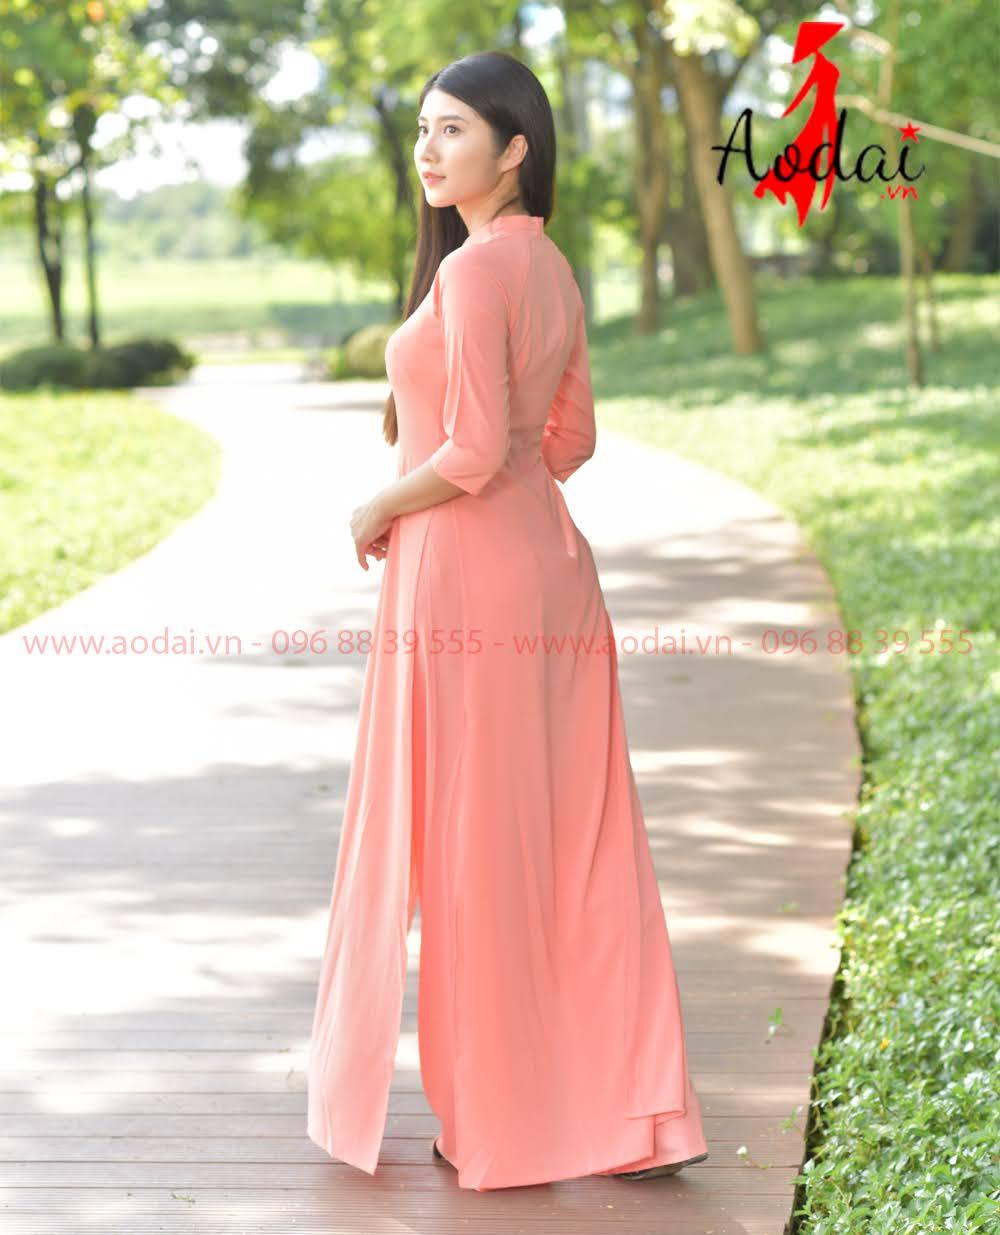 In áo dài tại Đà Nẵng